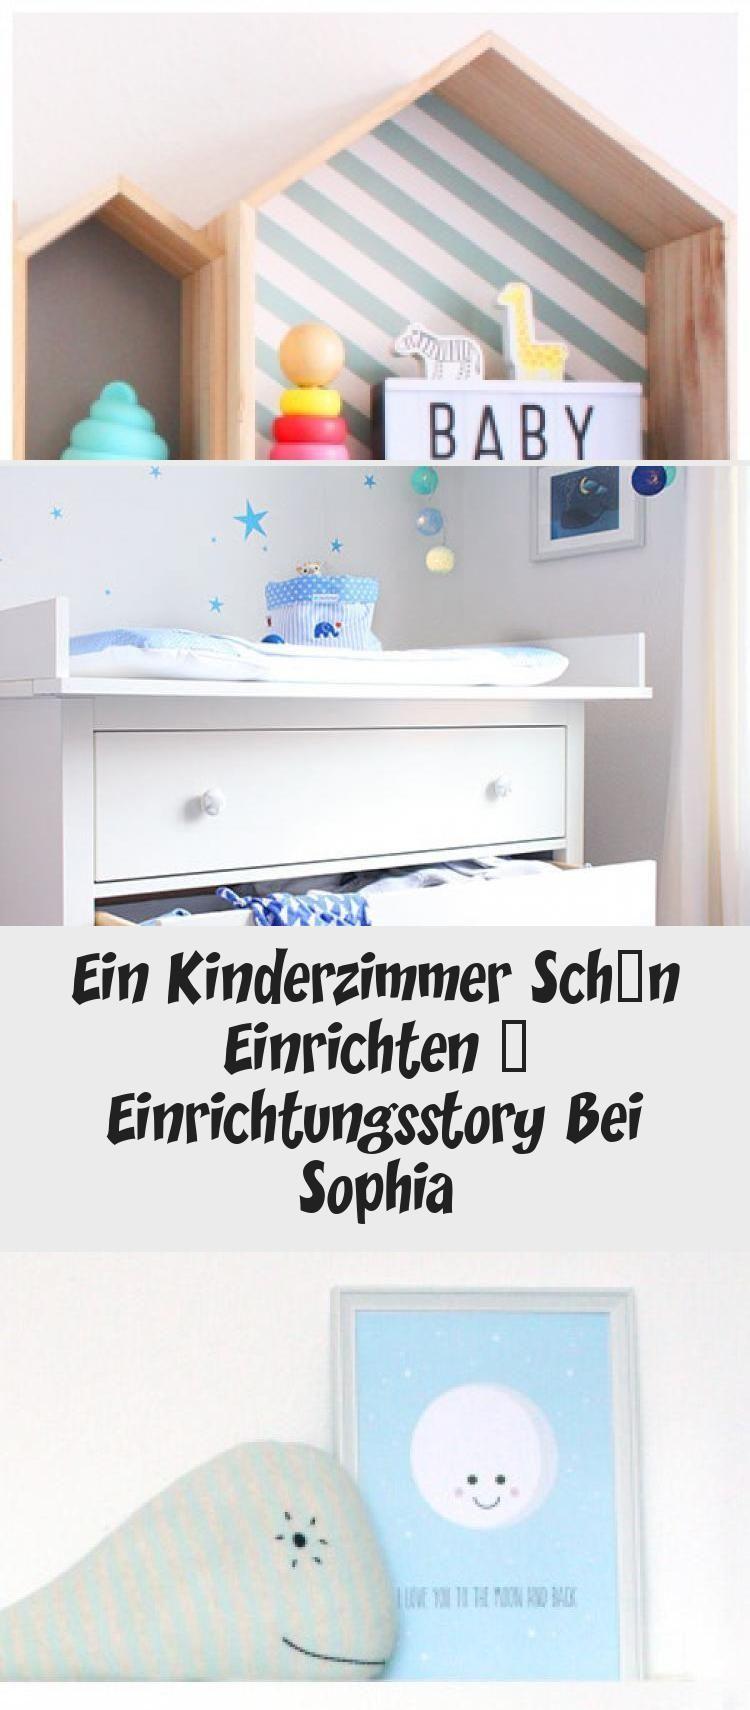 Kinderzimmer von Sophia bunte Haus Regale Babyzimmer